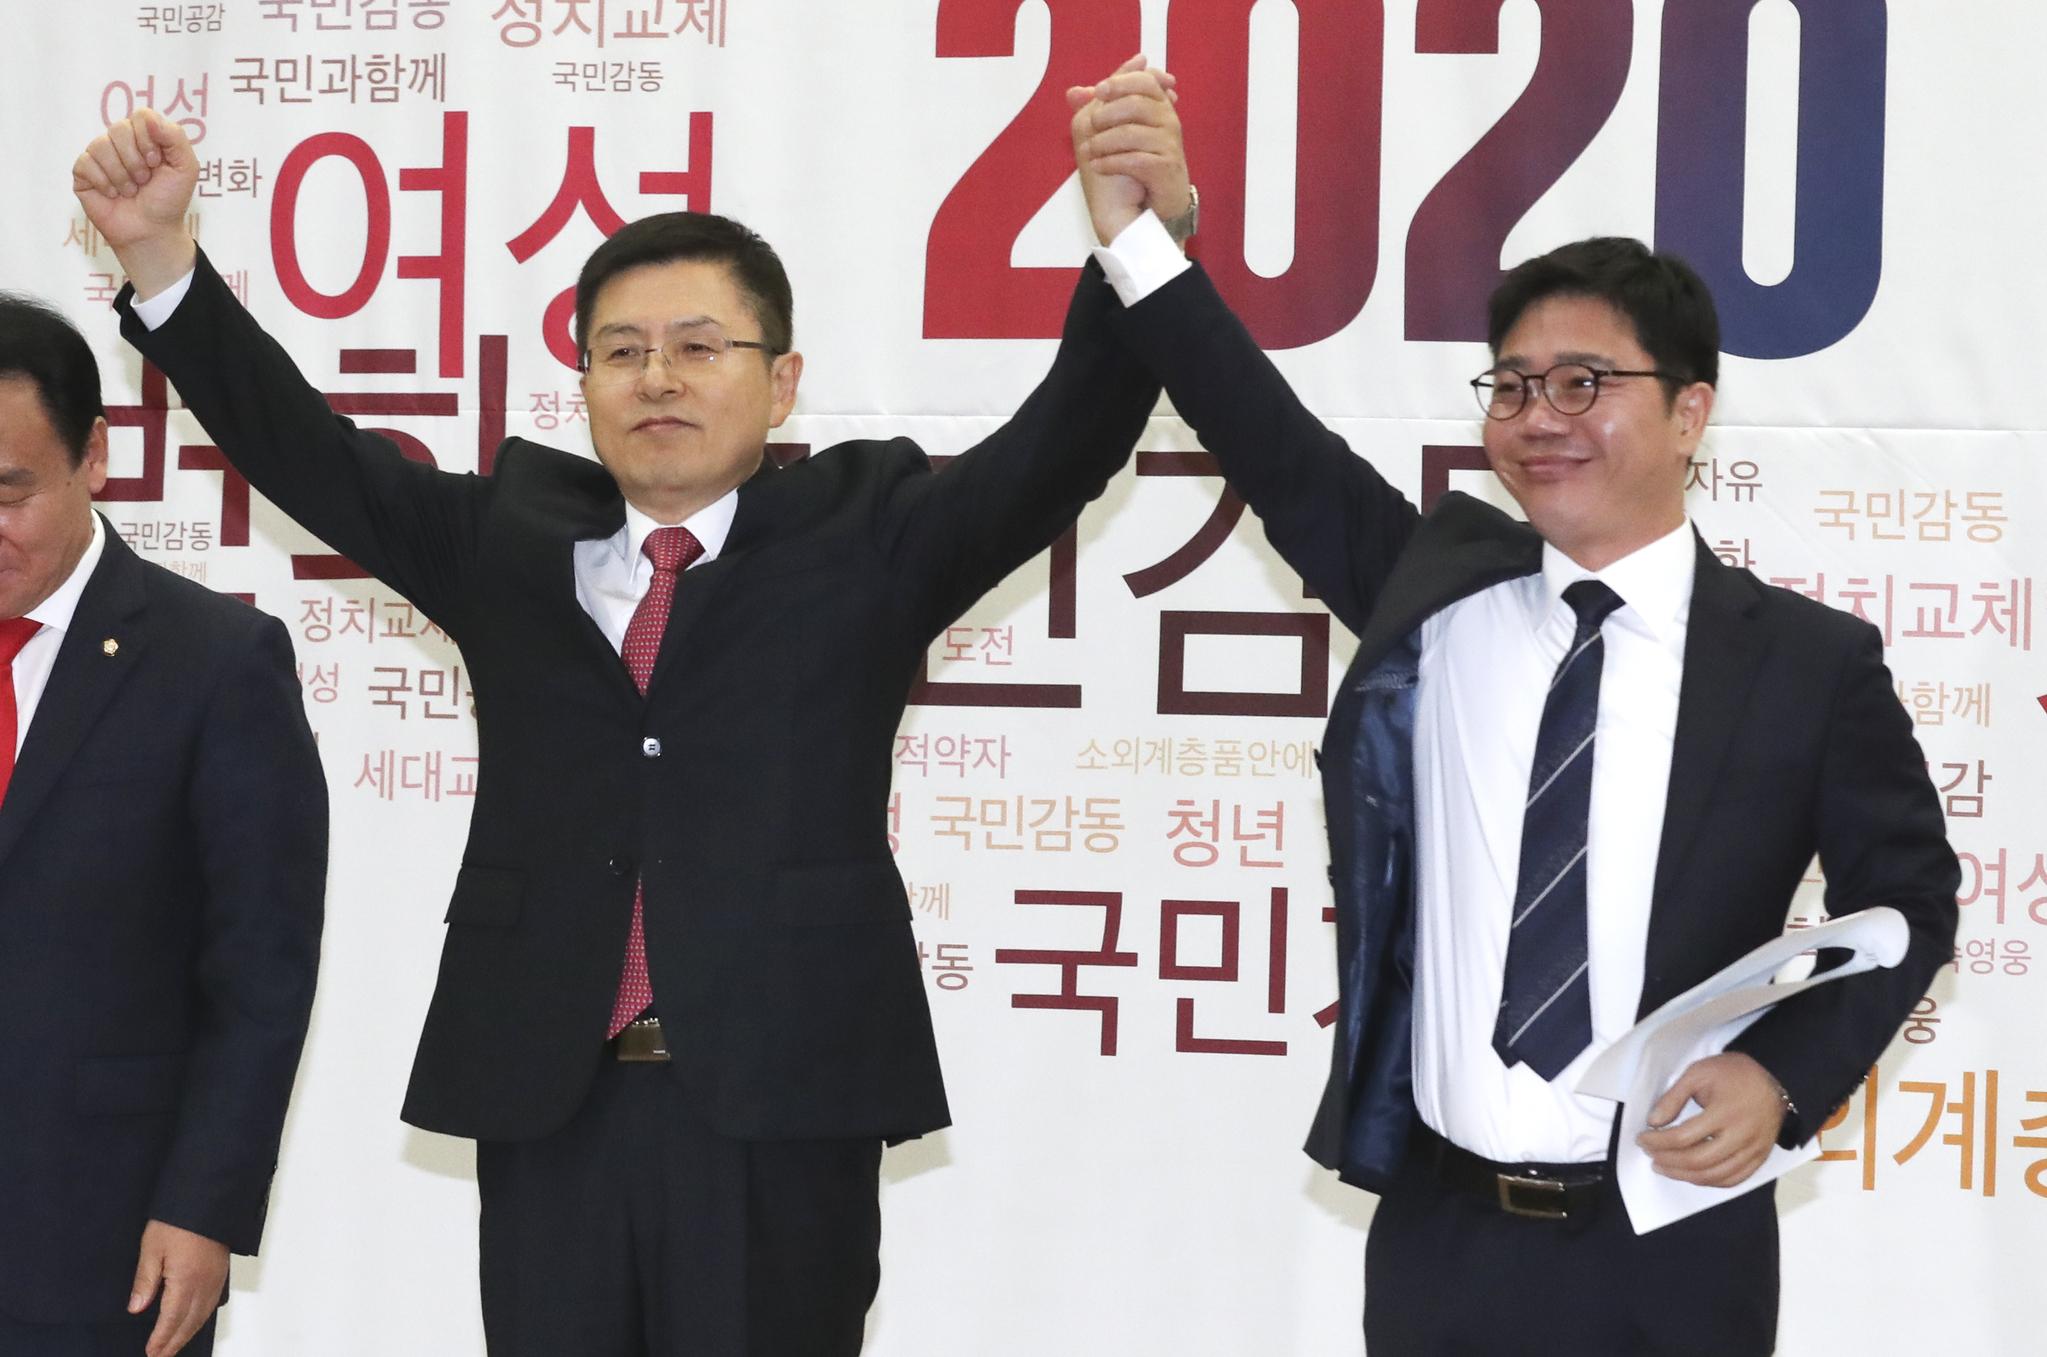 황교안 자유한국당 대표(왼쪽)가 탈북민 출신 인권운동가 지성호 대표의 손을 잡고 두 손을 들고 있다. 임현동 기자